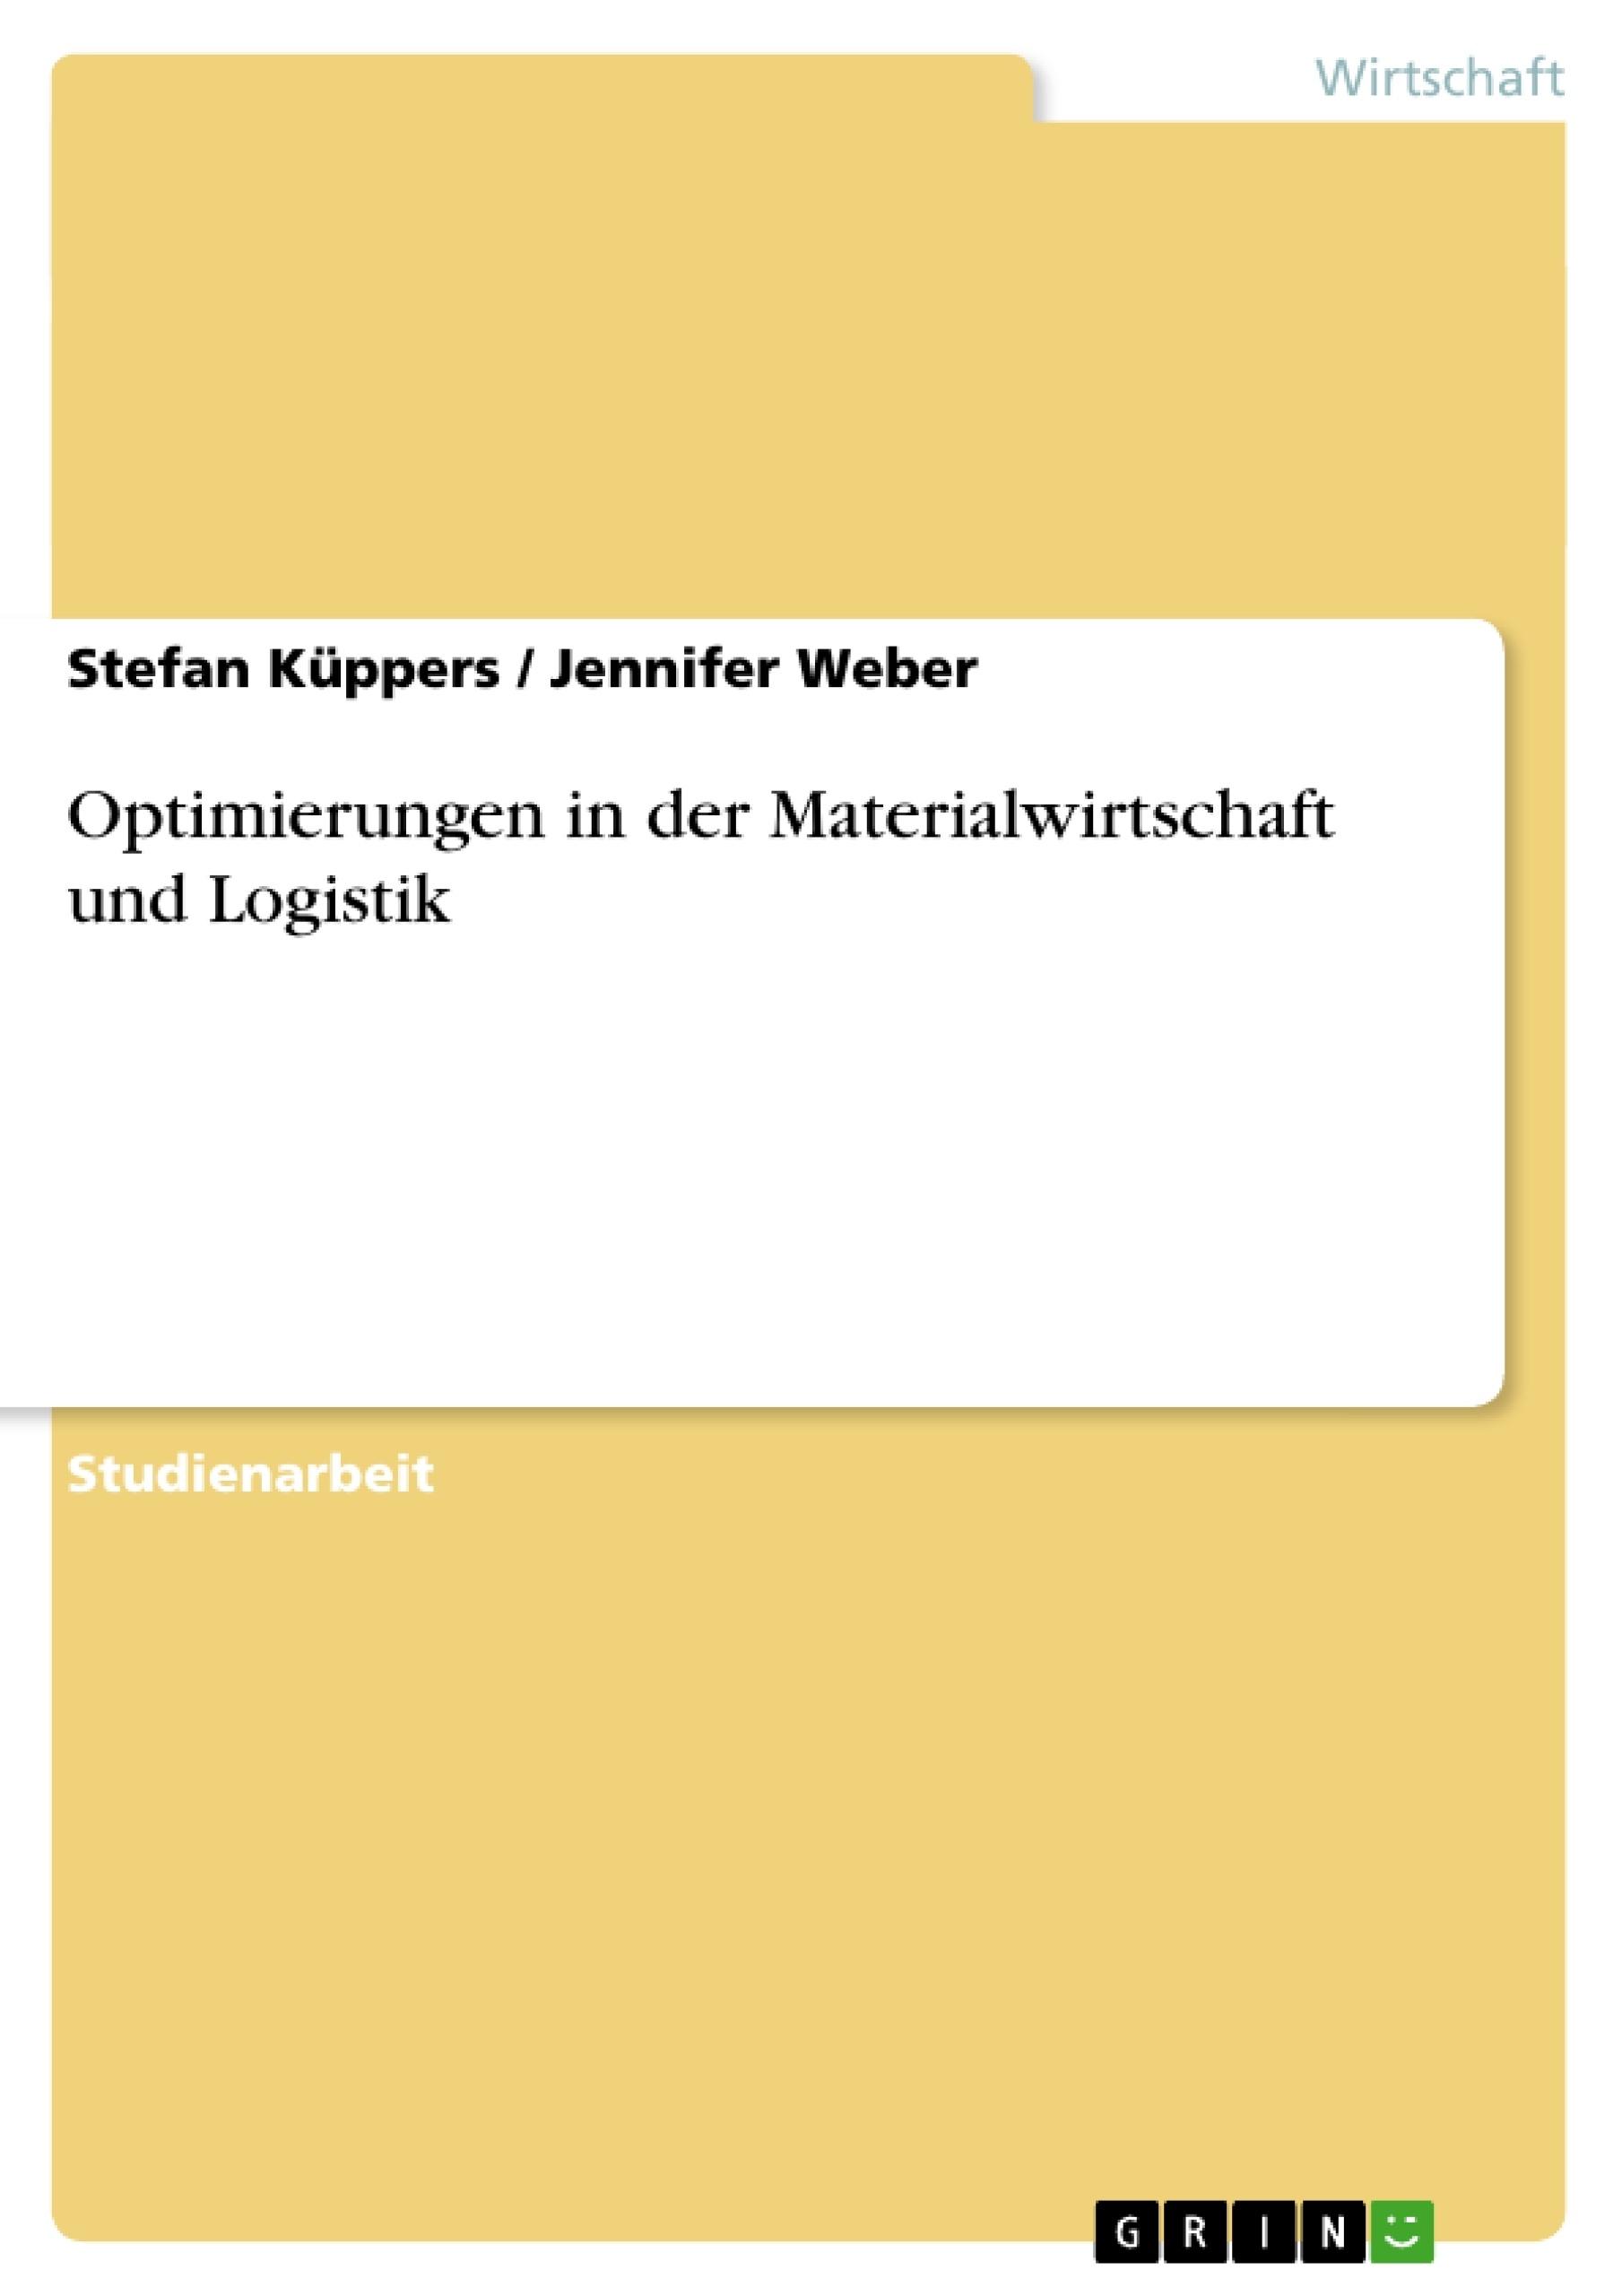 Titel: Optimierungen in der Materialwirtschaft und Logistik